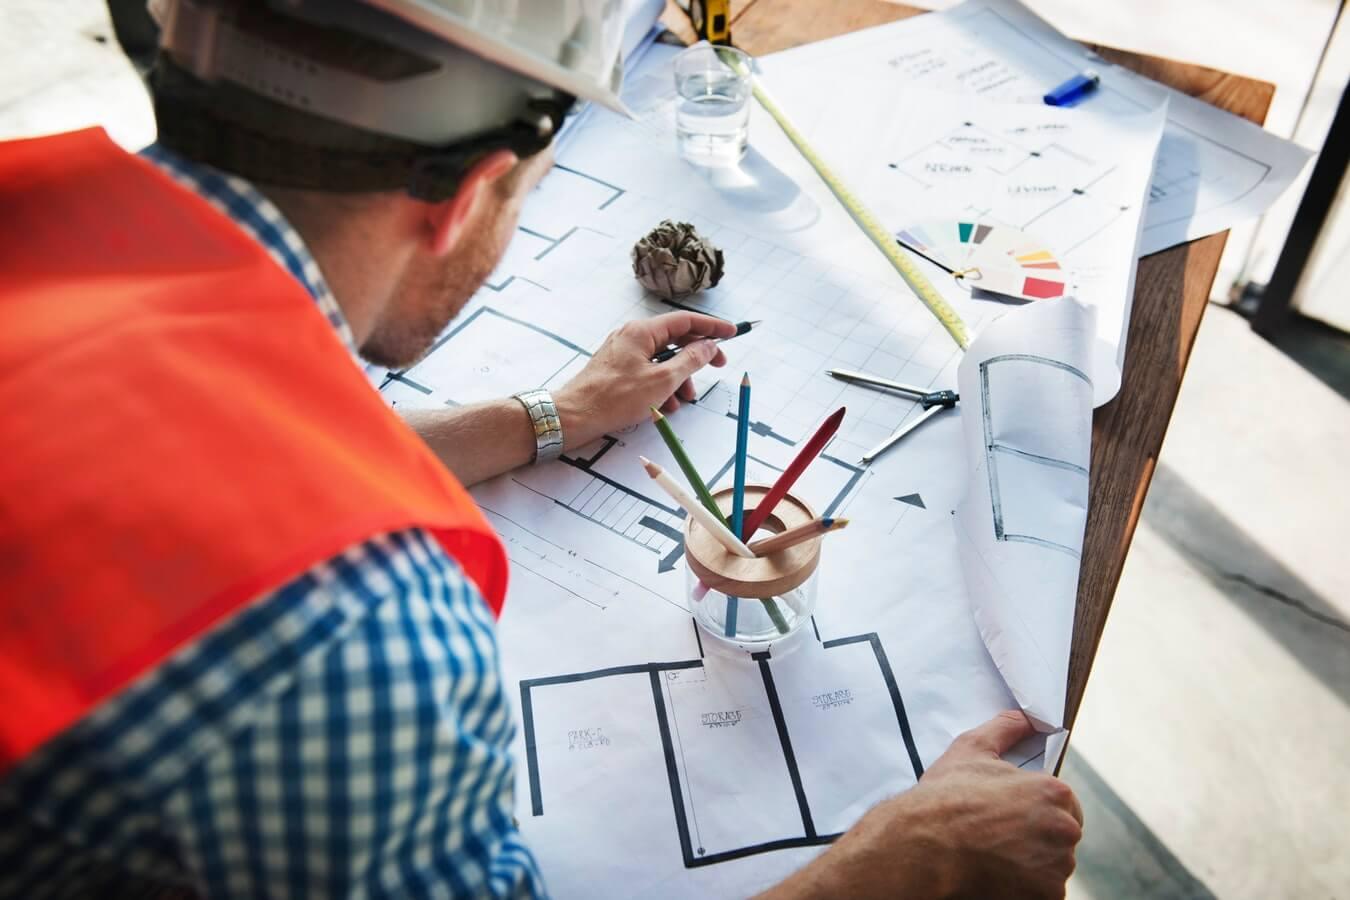 قانون نظام مهندسی و کنترل ساختمان  قانون نظام مهندسی و کنترل ساختمان photo 1532339742492 846276c31472 1